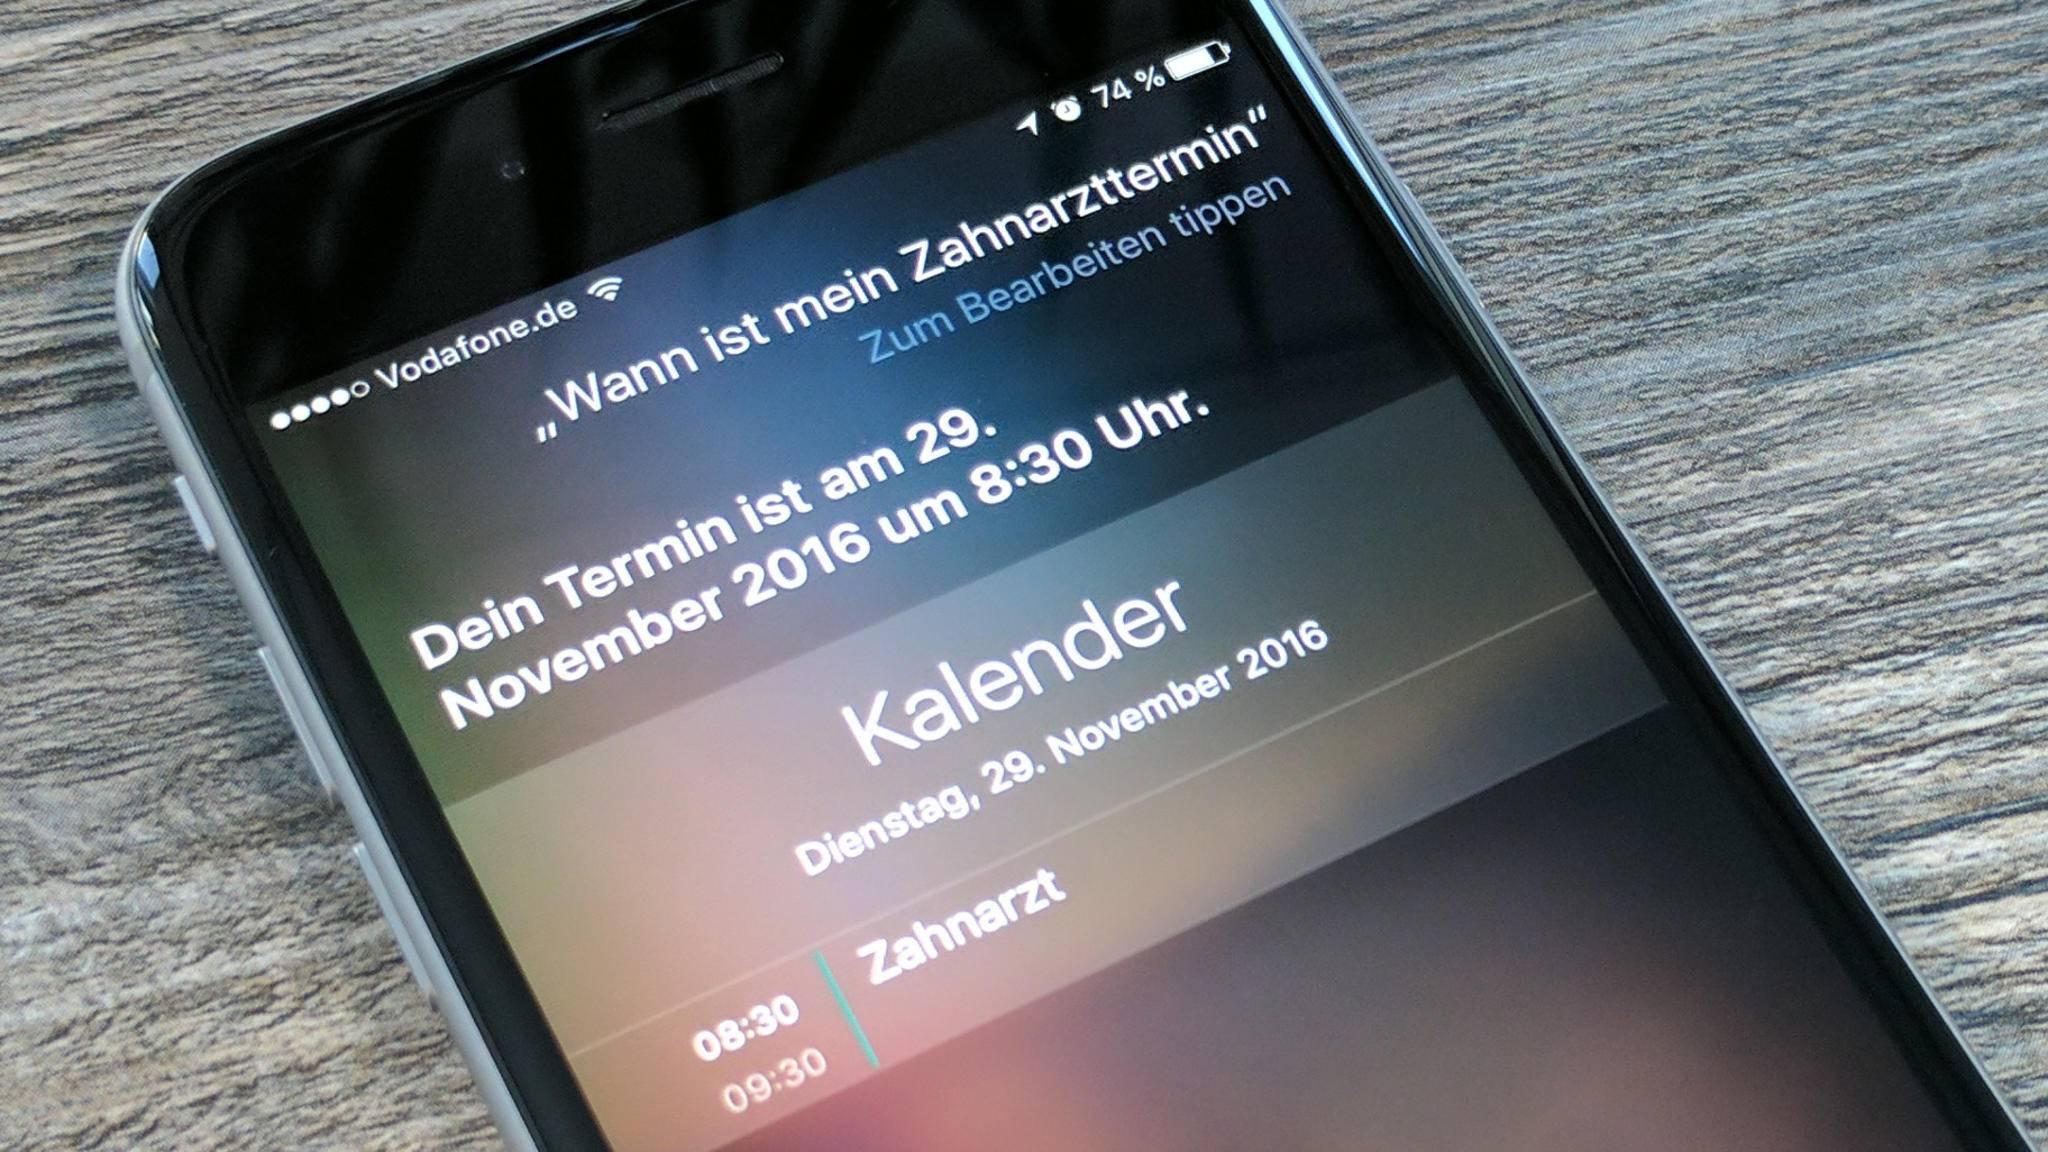 Siri ist praktisch, der Zugriff im Sperrbildschirm sollte aber deaktiviert werden.